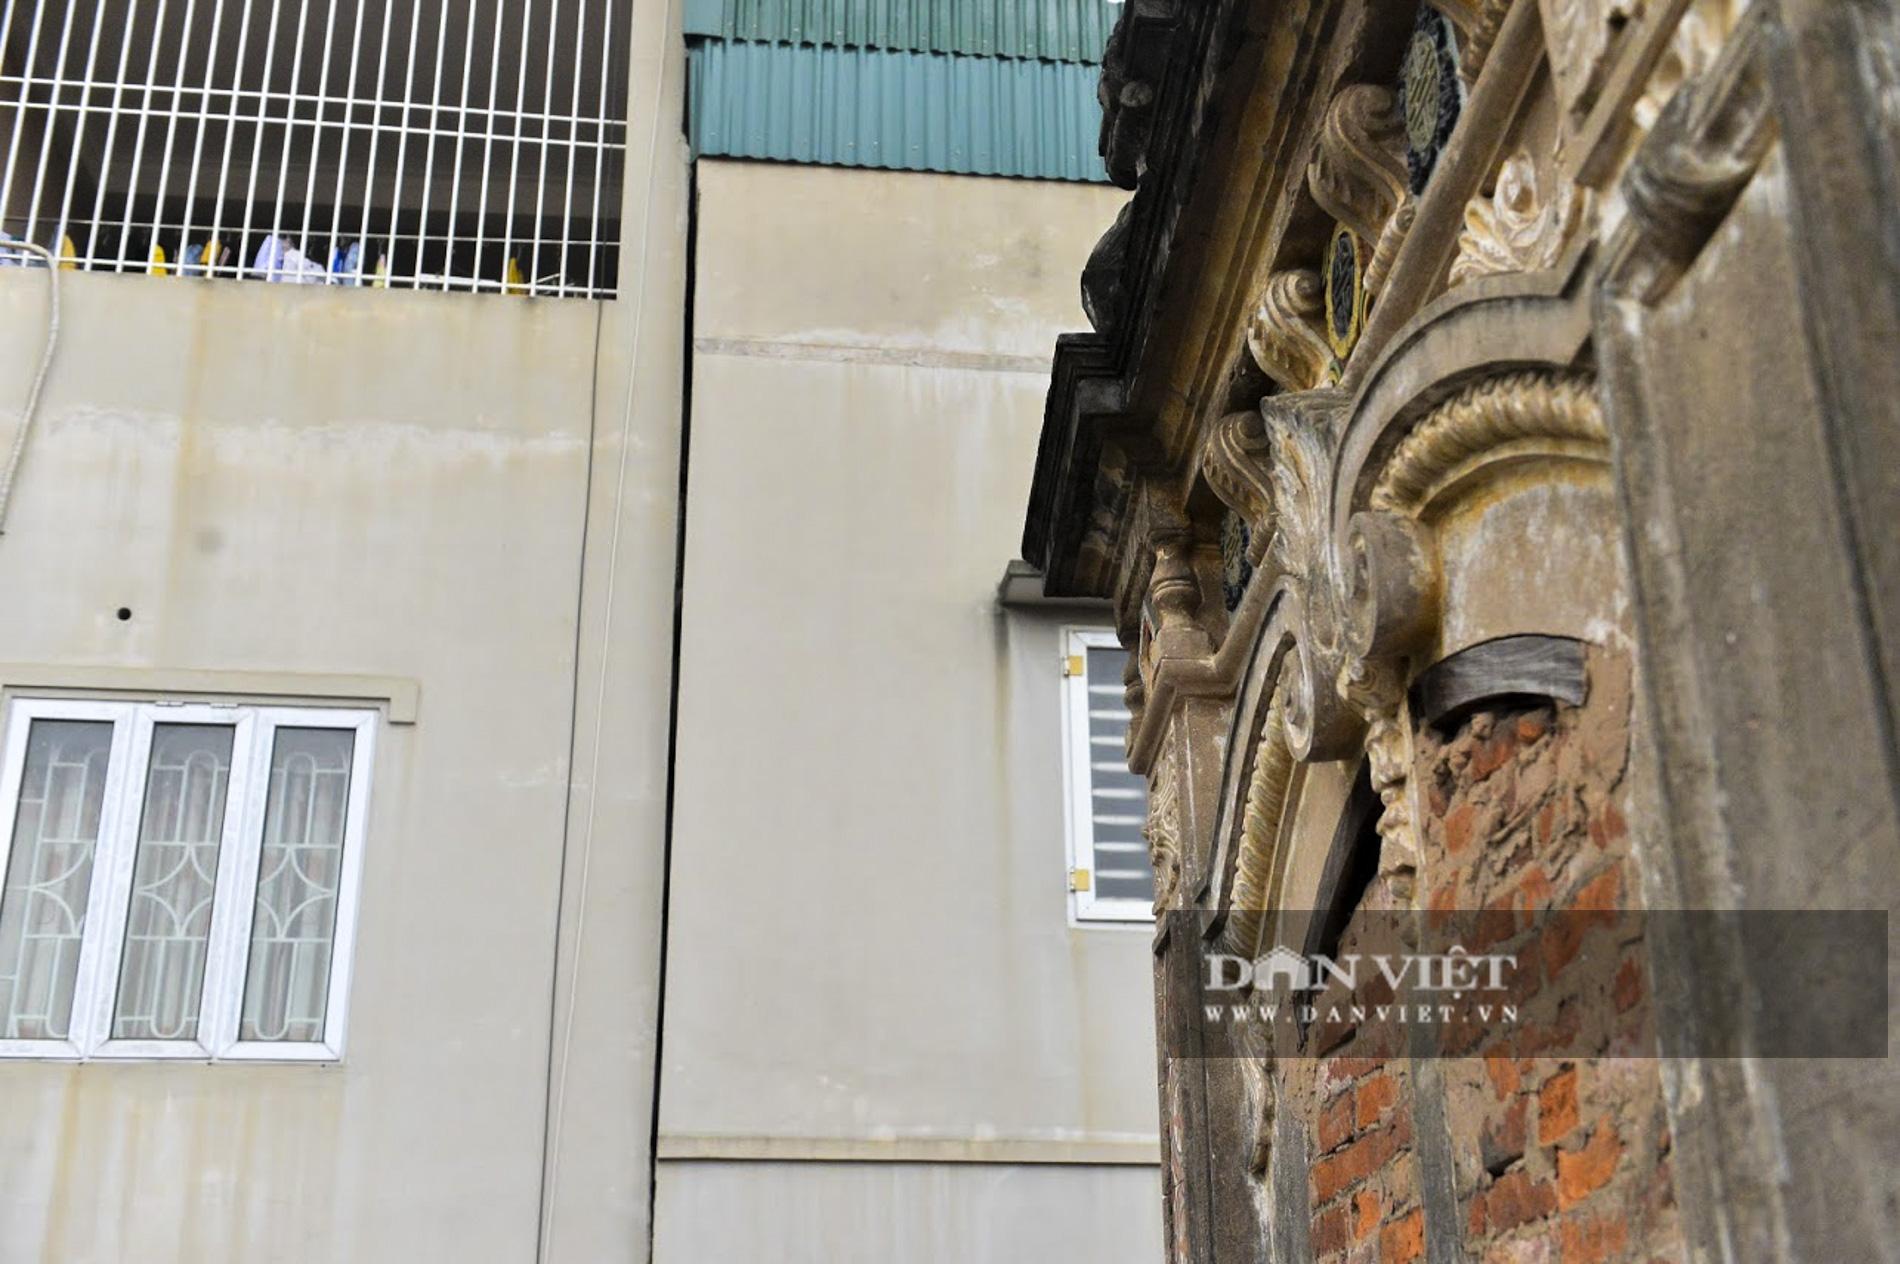 Căn biệt thự Pháp cổ 100 tuổi của 'đại gia làng miến' nức tiếng Hà Nội xưa - Ảnh 6.